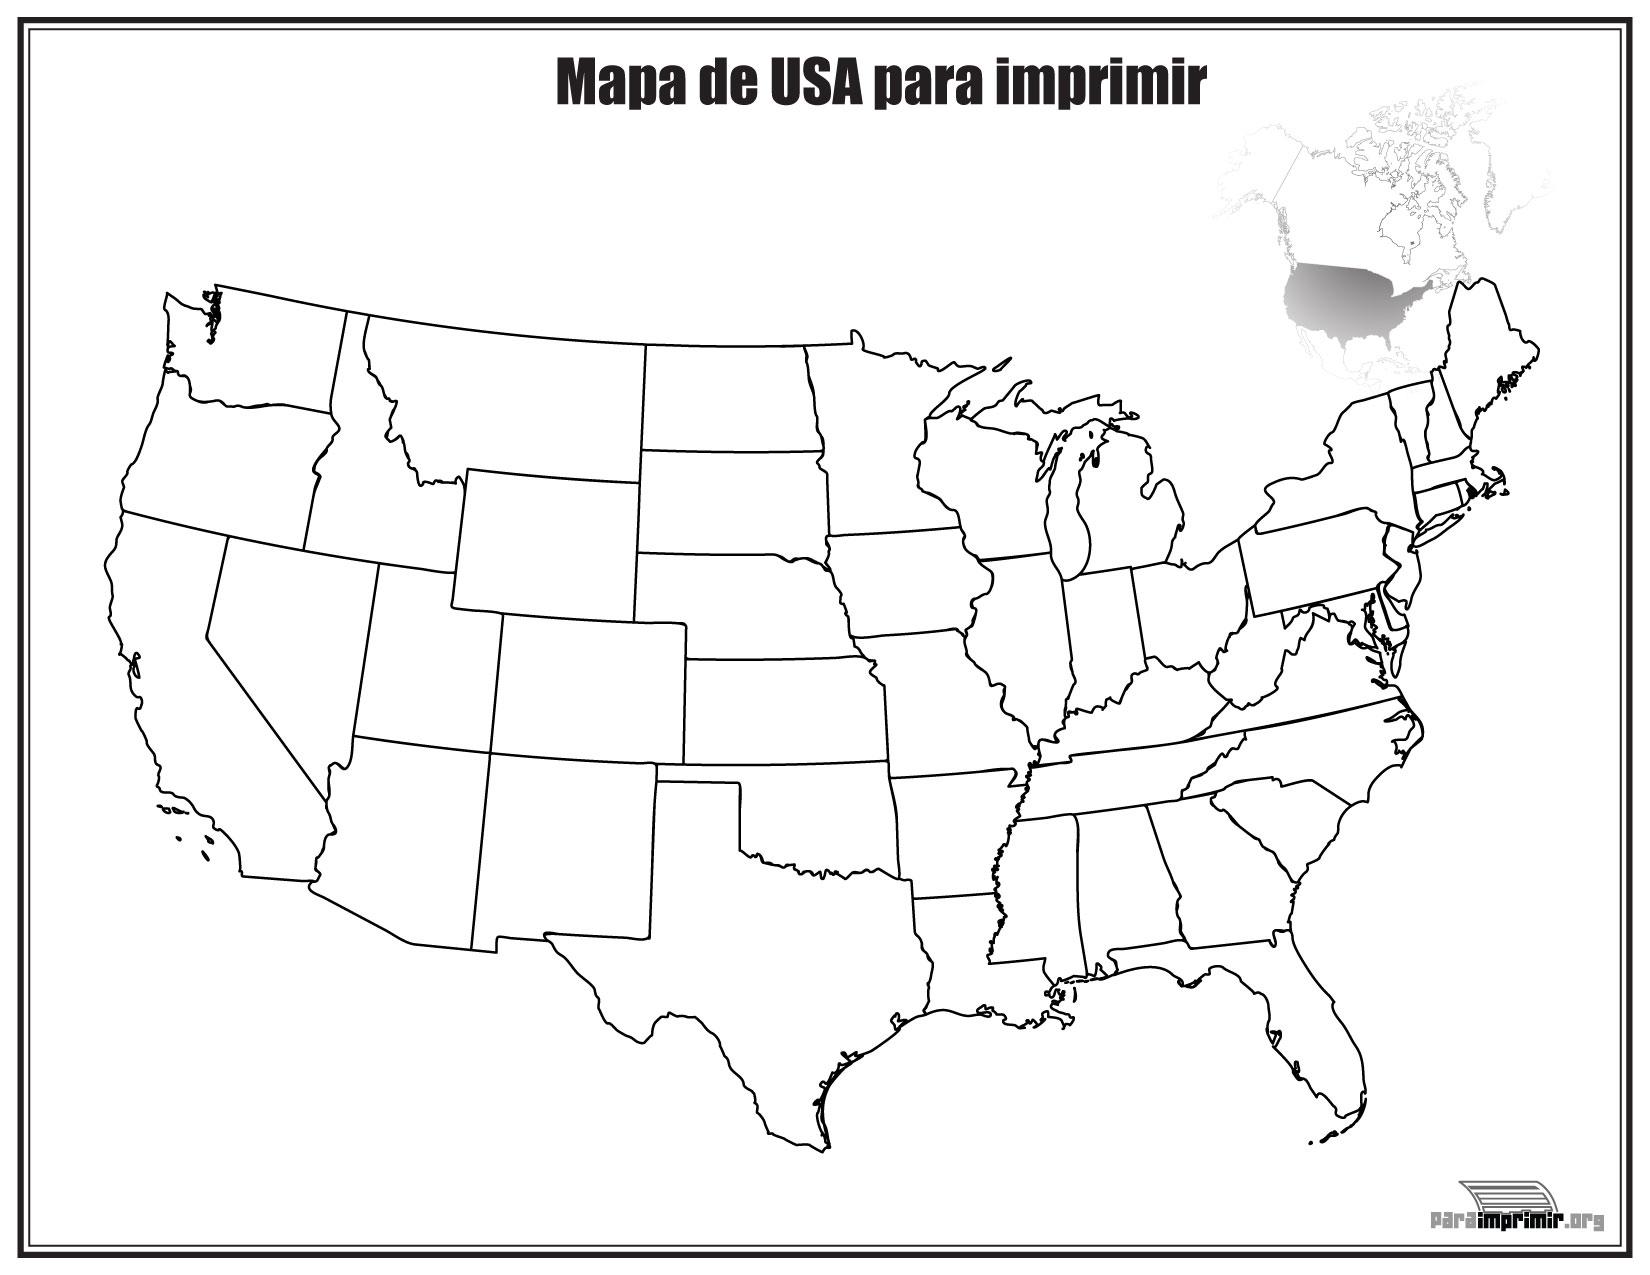 Mapa de Estados Unidos sin nombres para imprimir